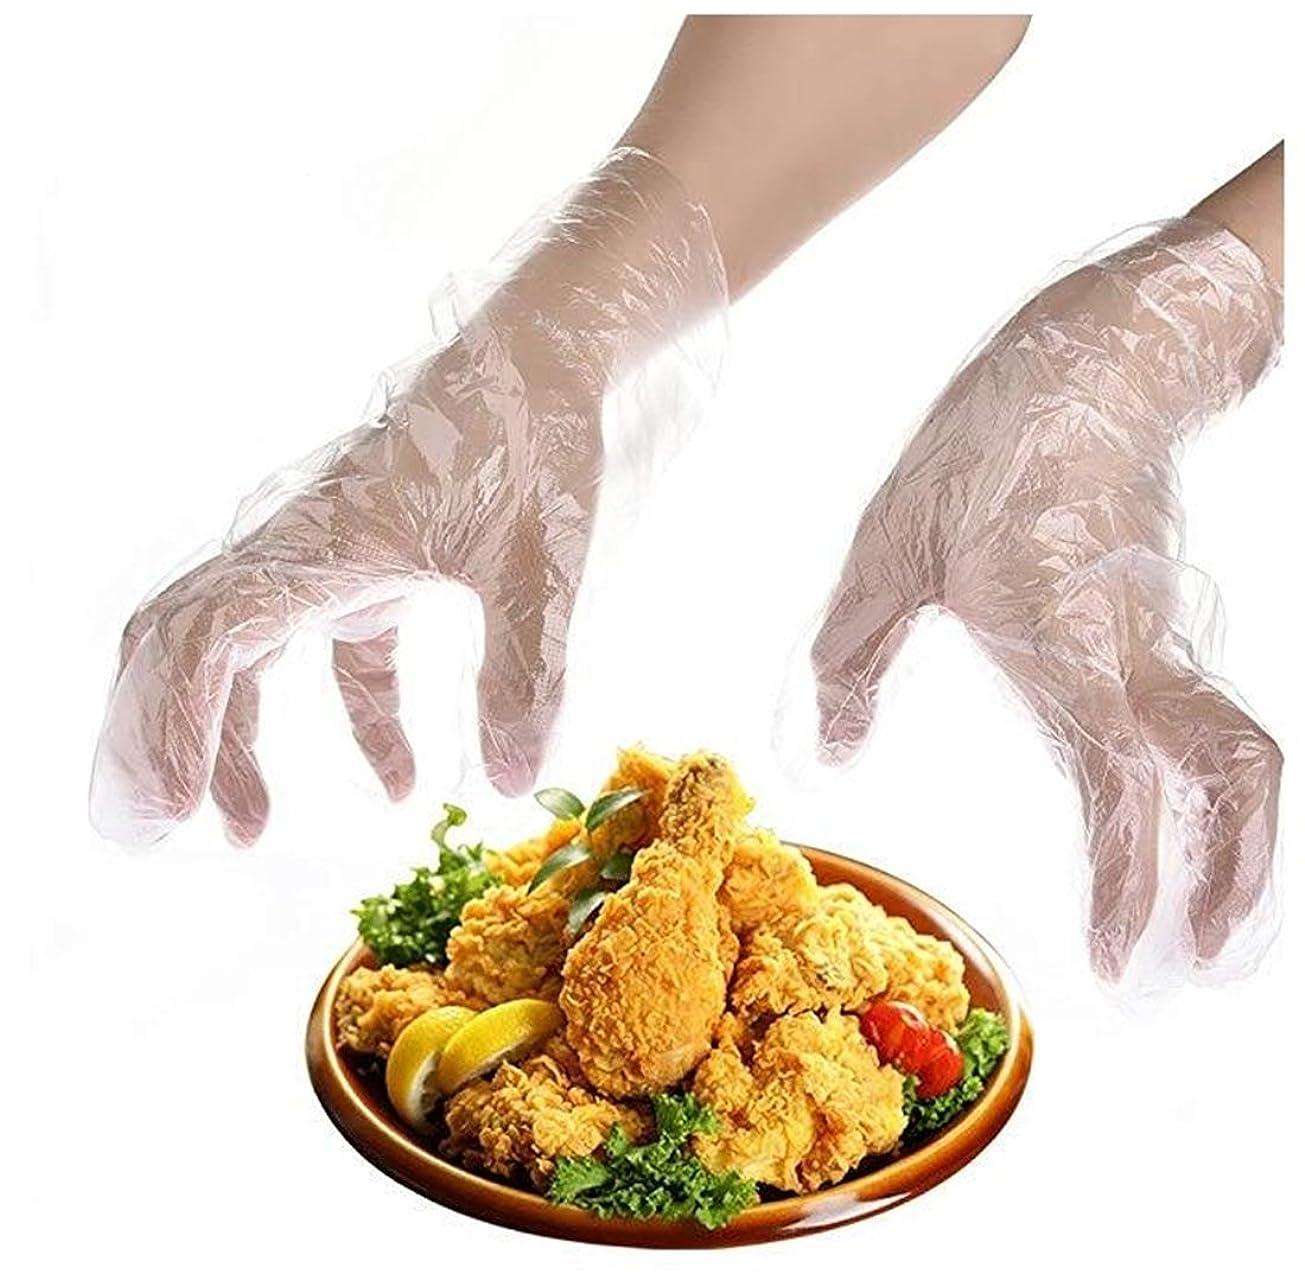 自動バック突っ込むHeyuni.使い捨て手袋 極薄ビニール手袋 ポリエチレン 透明 実用 衛生 100枚